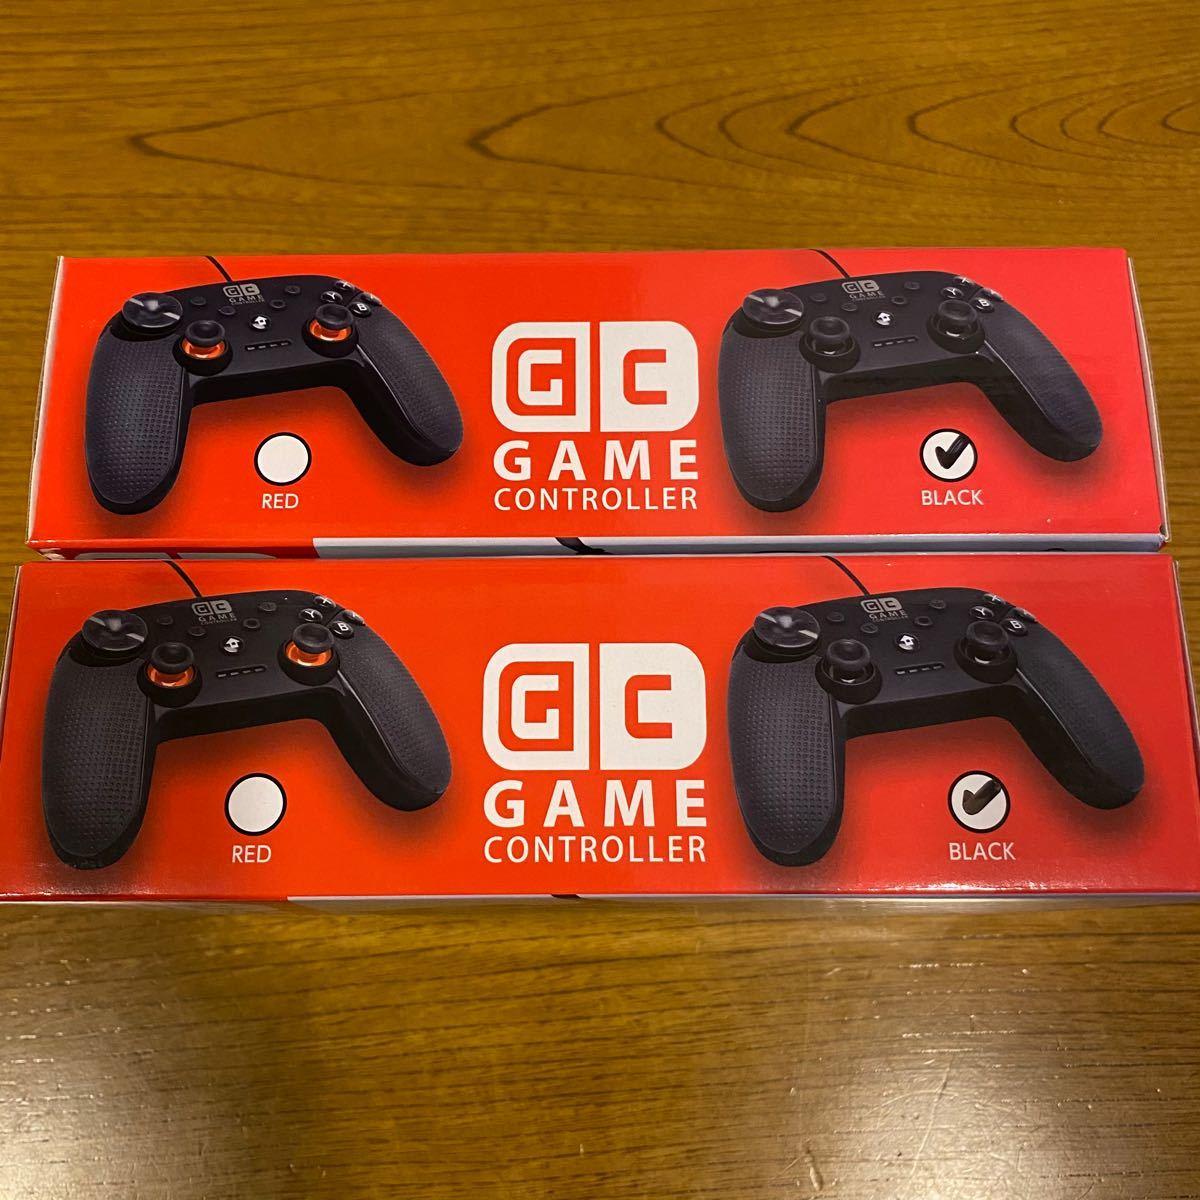 ゲームコントローラー Nintendo Switch対応